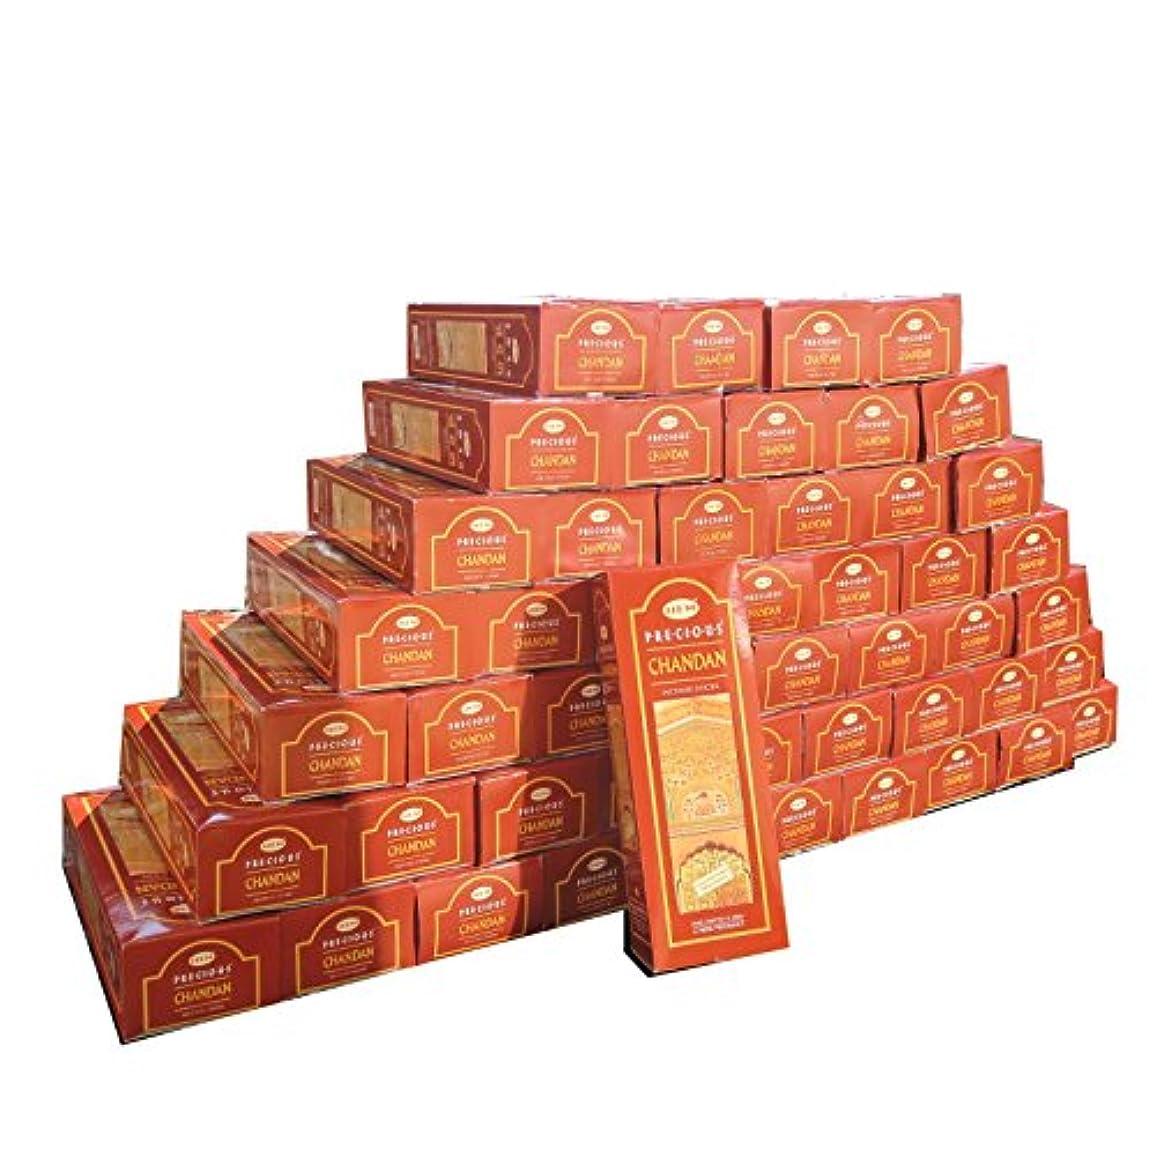 穿孔するうなり声引き出し業務用 インドスティック形お香 プレシャスチャンダン 300箱入り